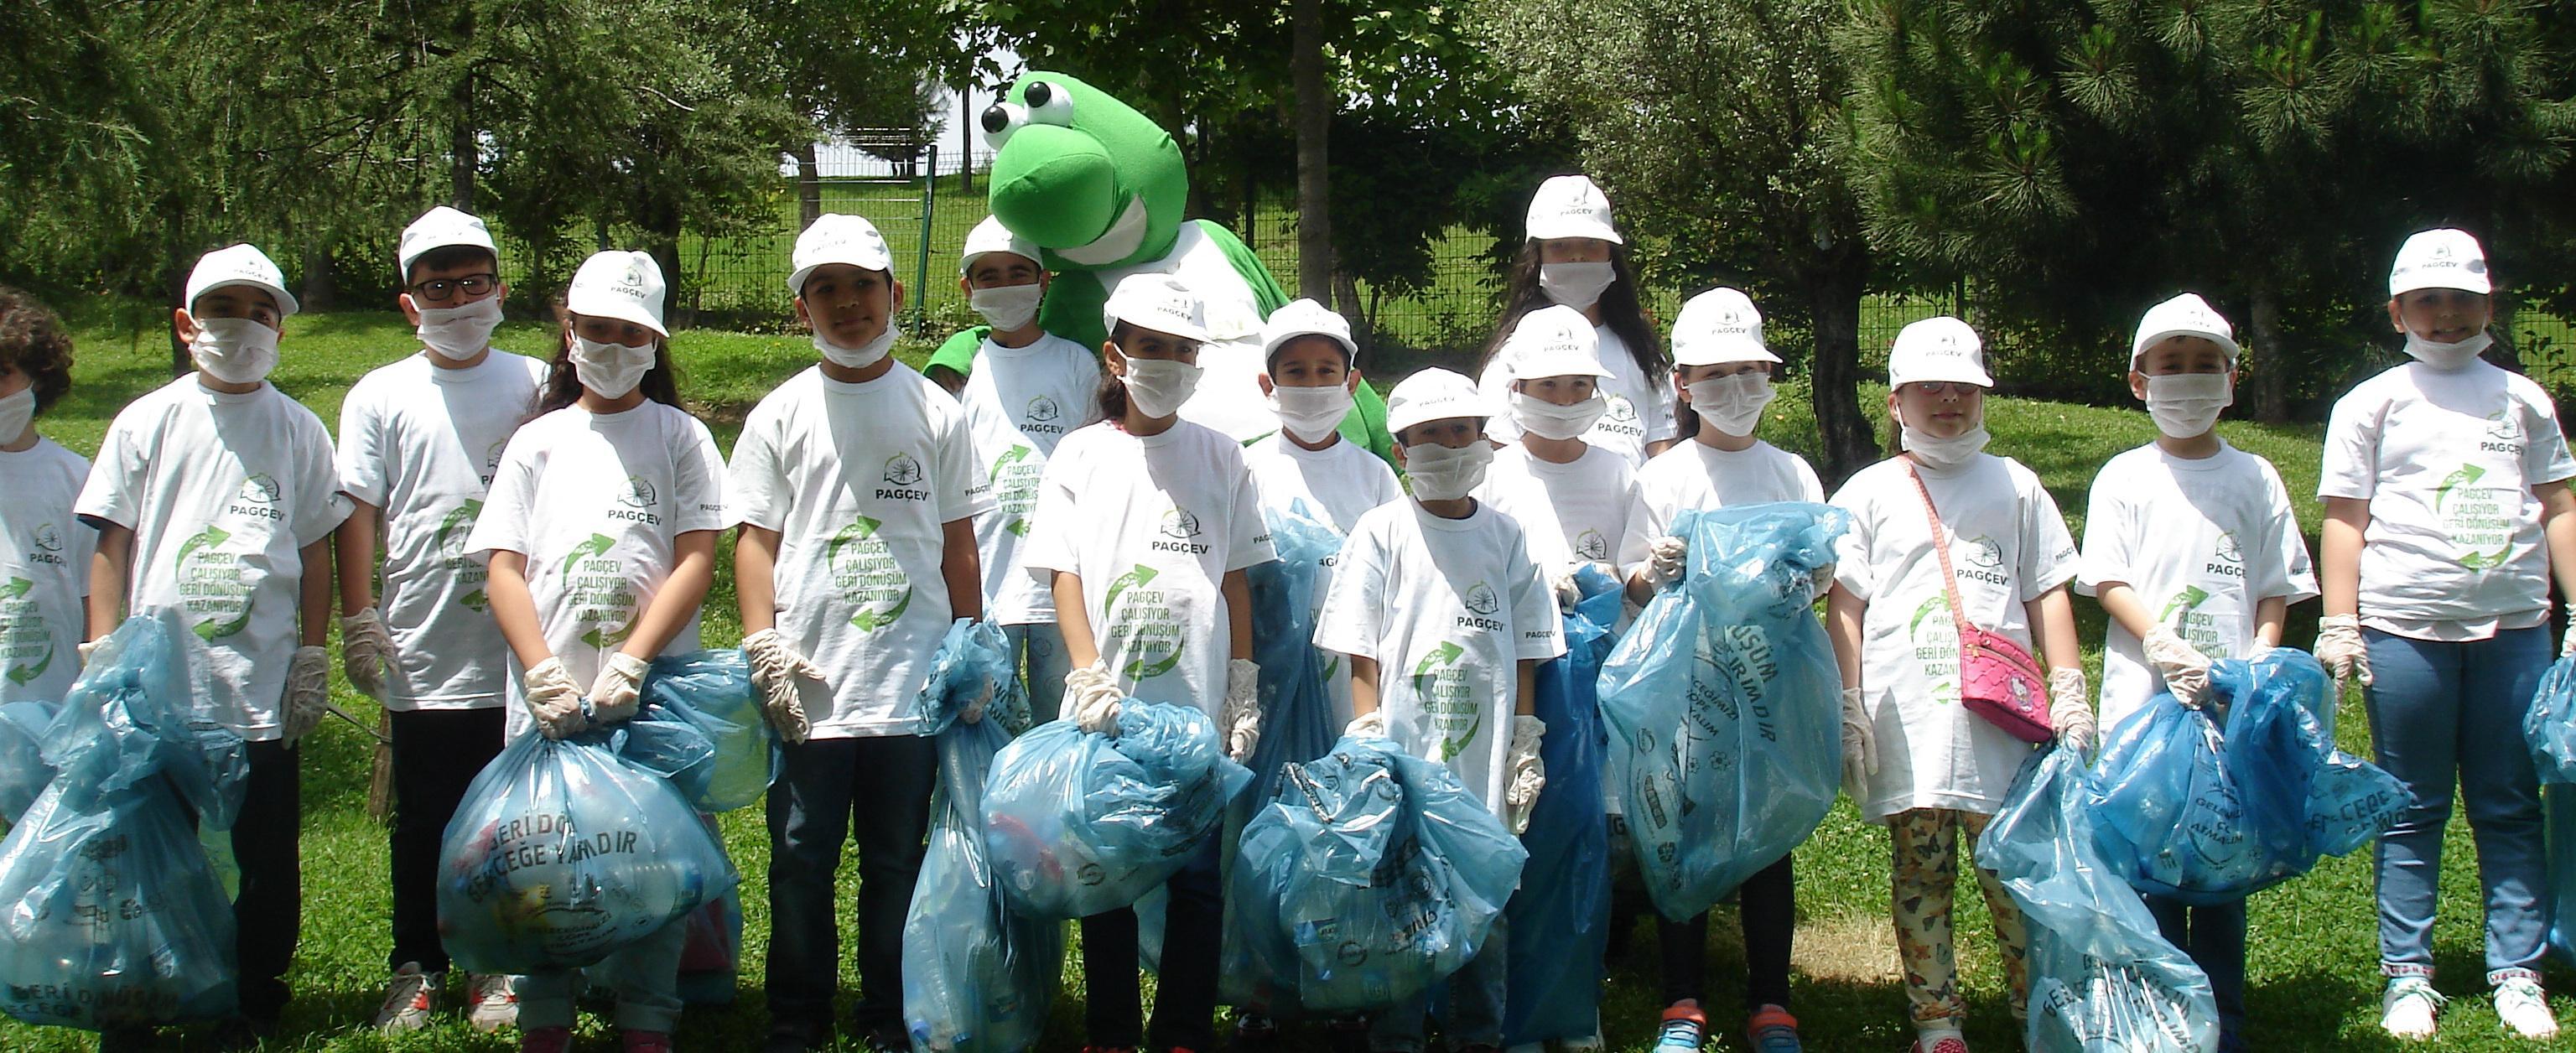 PAGÇEV, Çevre Haftası'nda Çocuklara Geri Dönüşümü Anlattı.